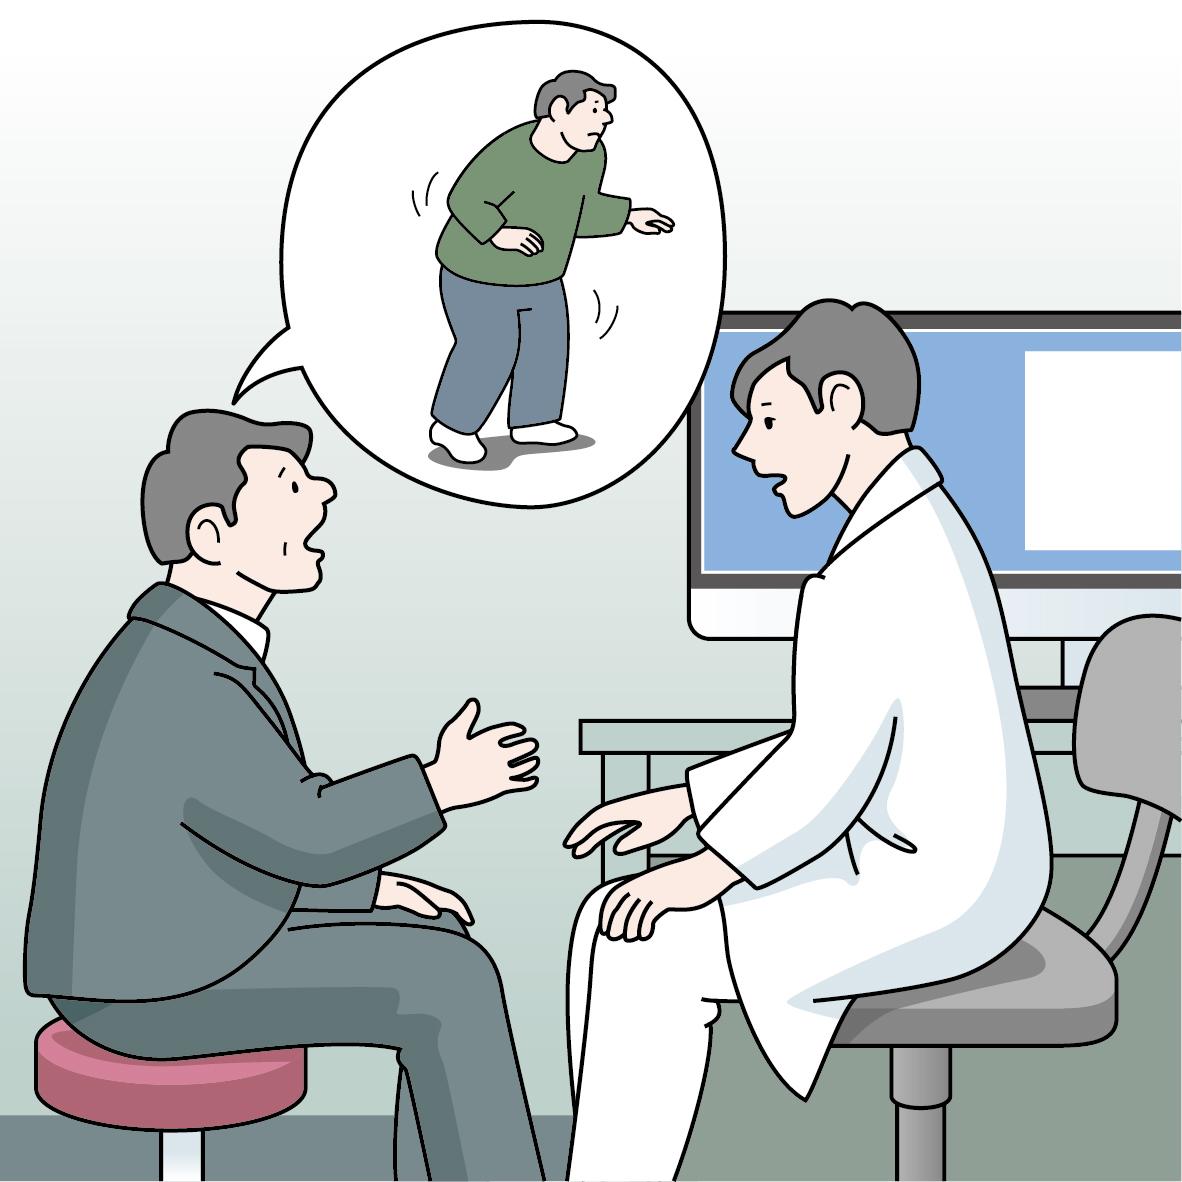 難病 パーキンソン 症候群 パーキンソン病(指定難病6)